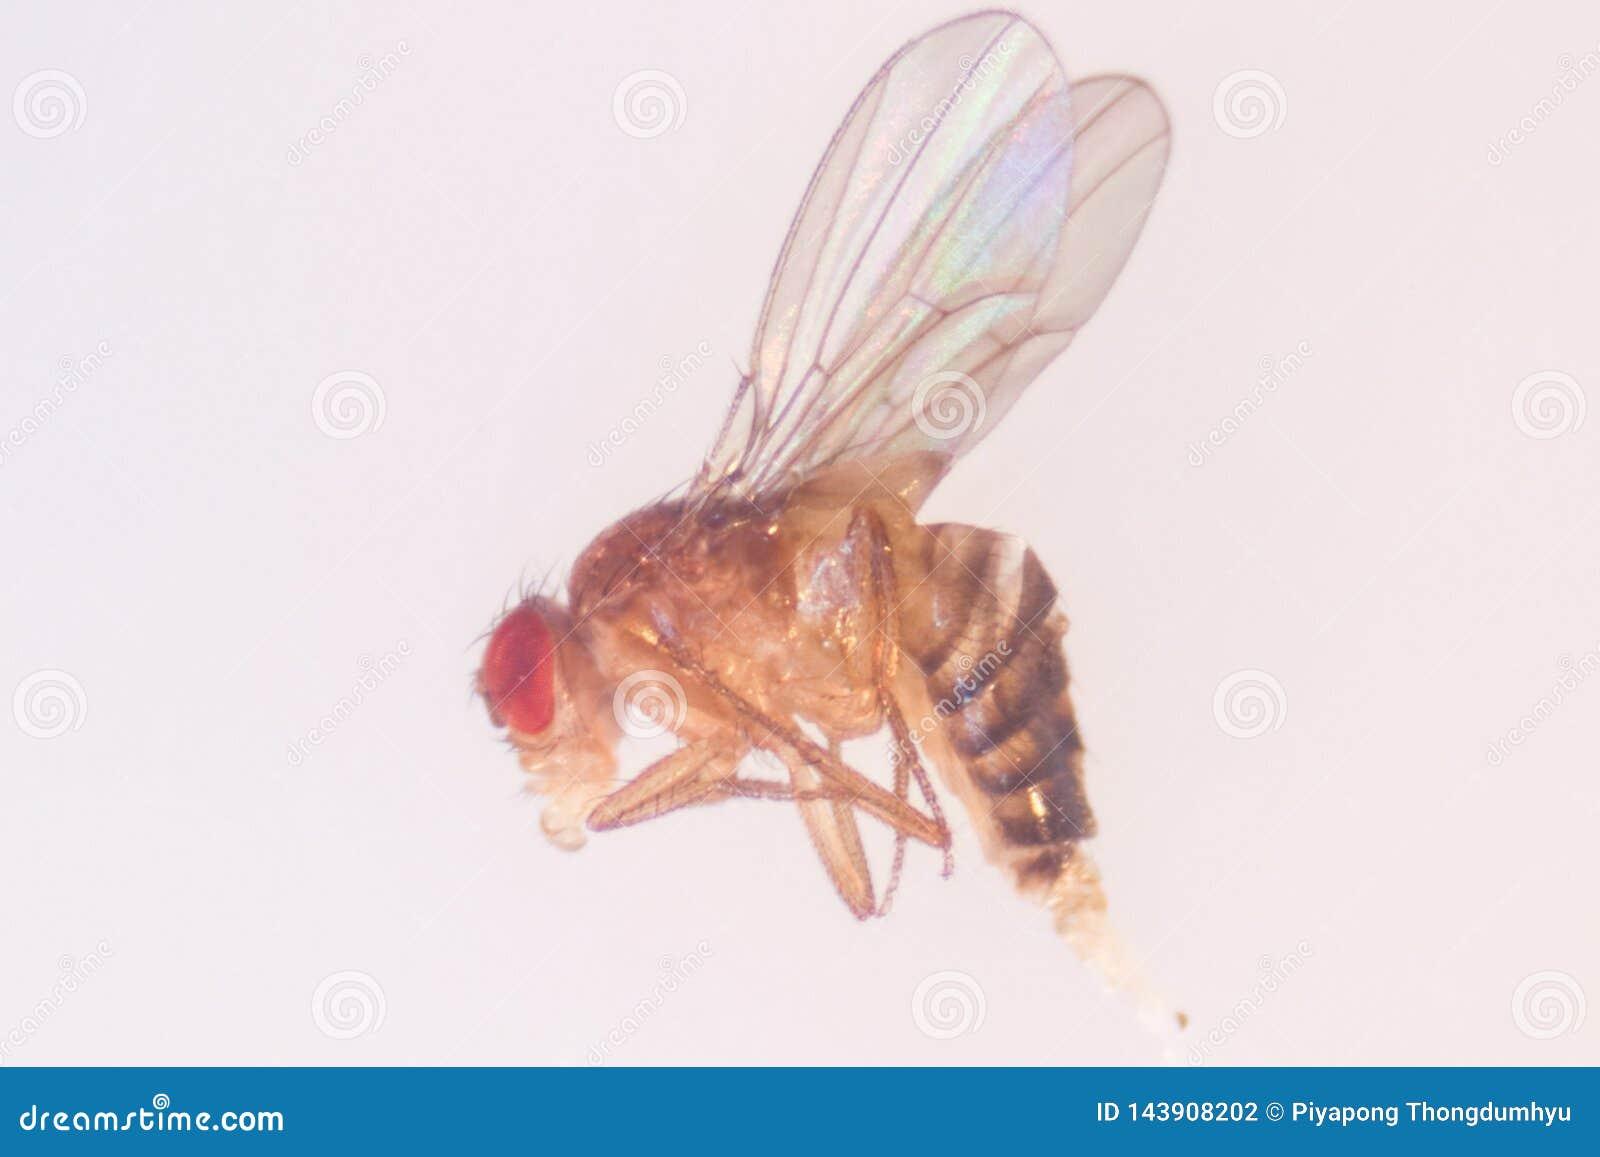 Μελέτη γενετική Drosophila melanogaster της μύγας φρούτων, μύγα ξιδιού στο εργαστήριο